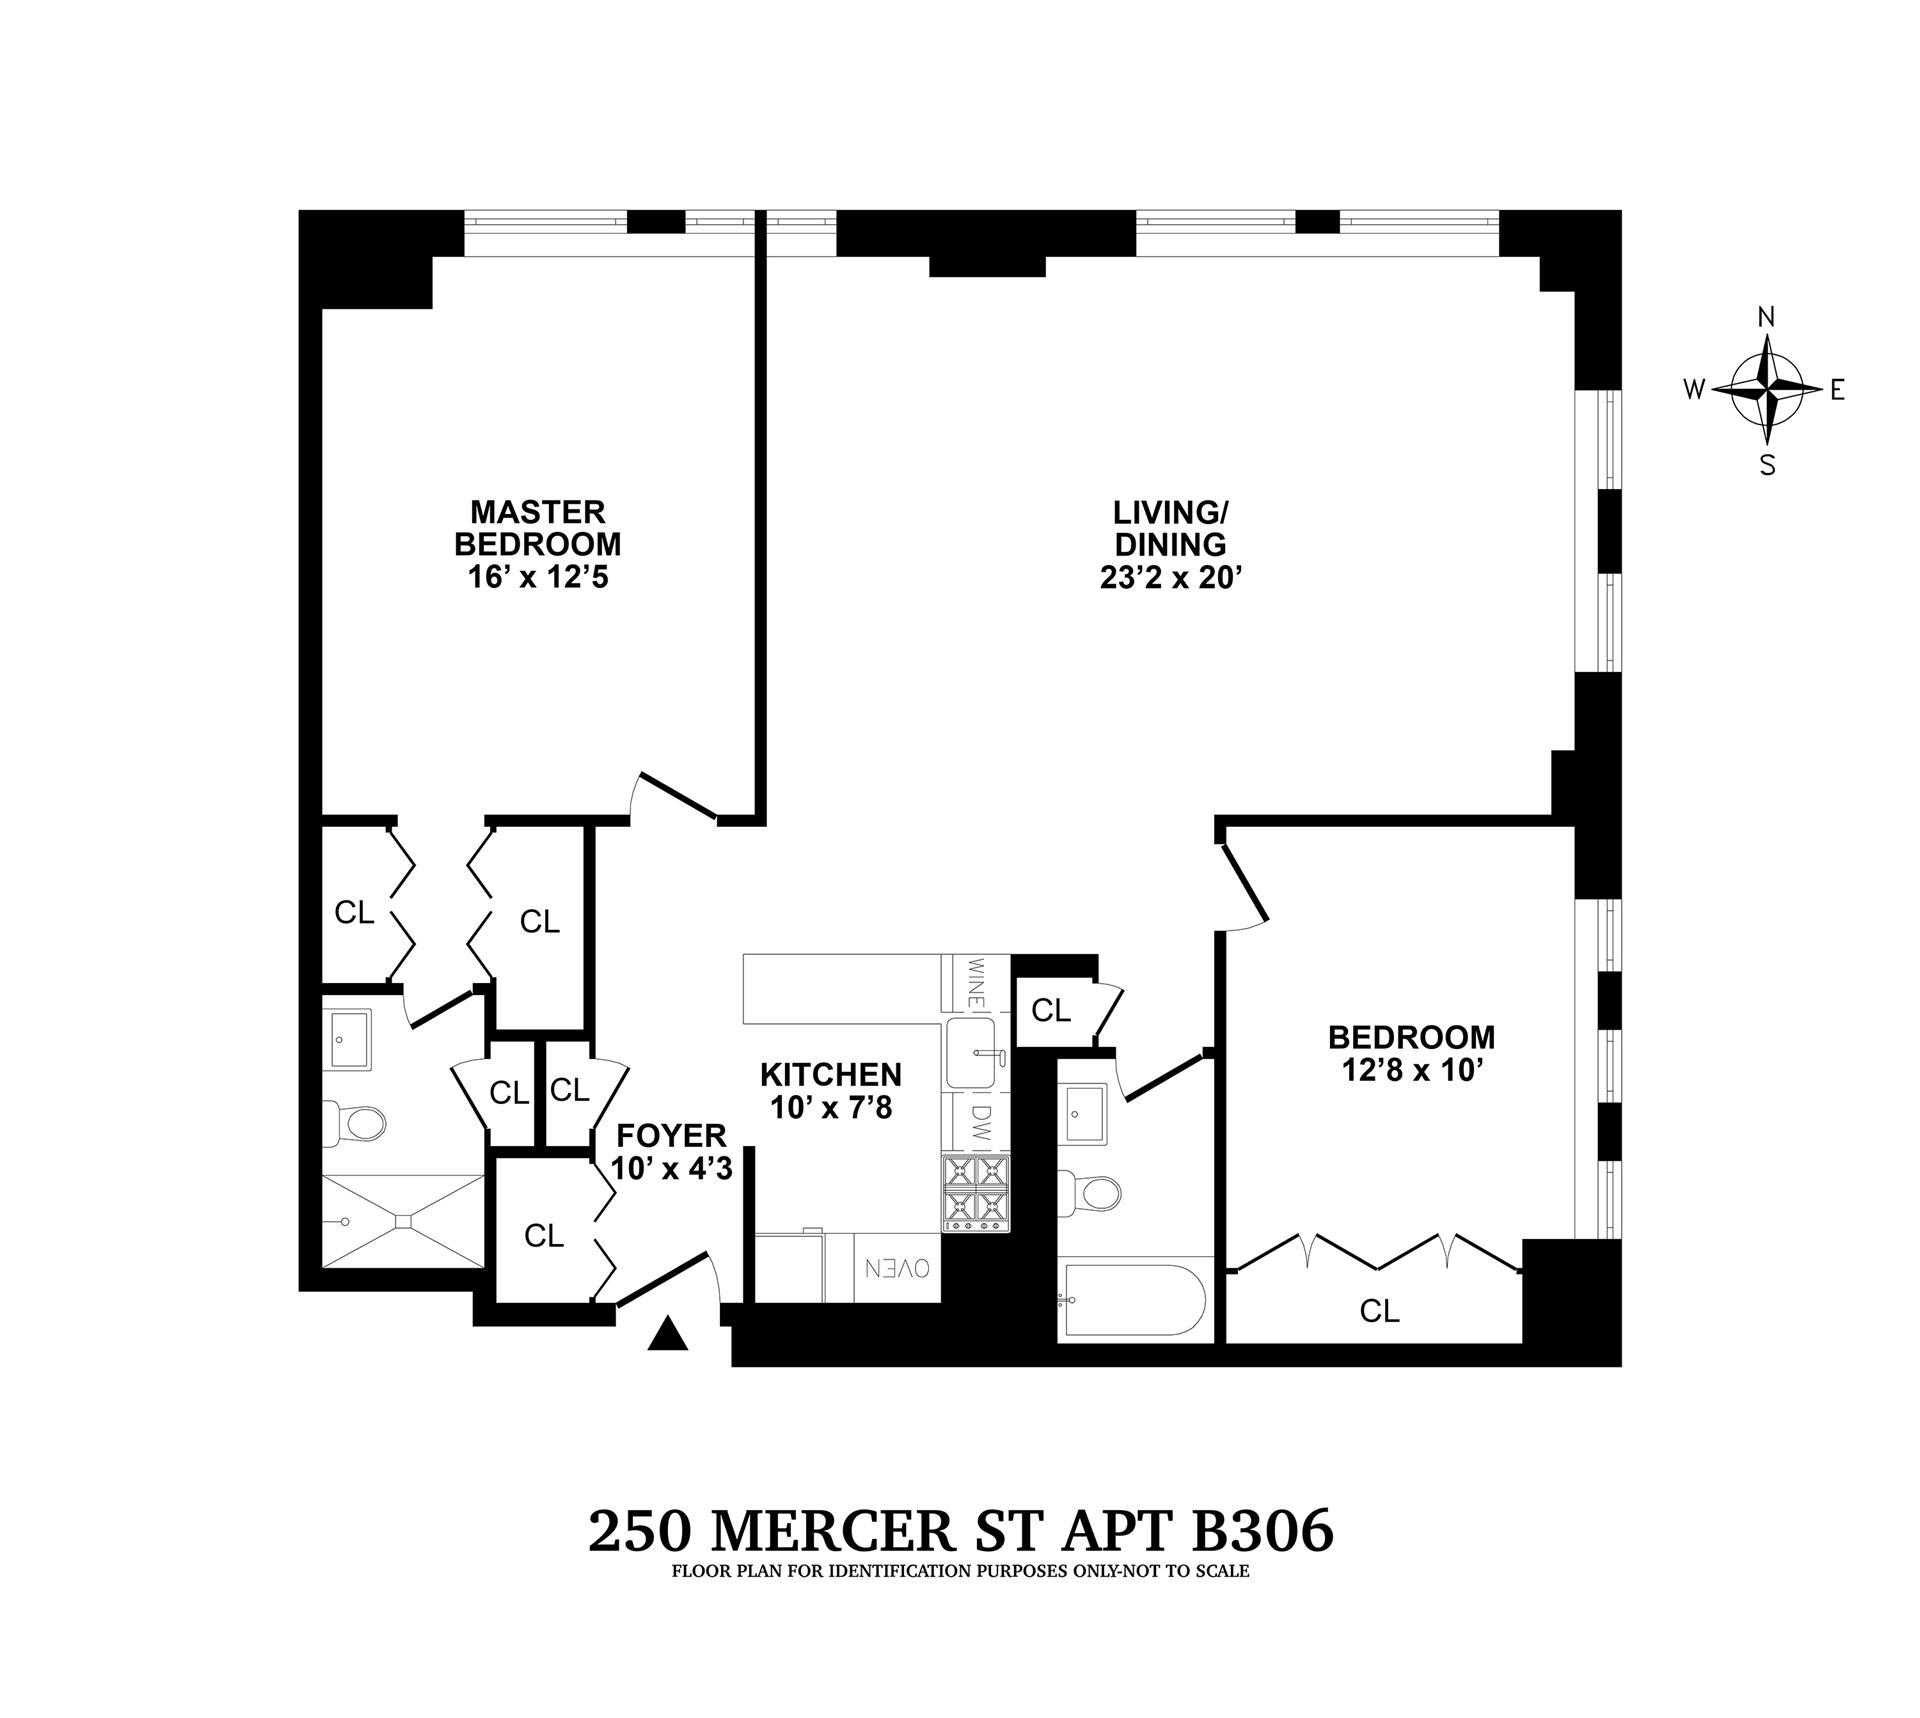 Floor plan of Mercer House, 250 Mercer St, B306 - Greenwich Village, New York